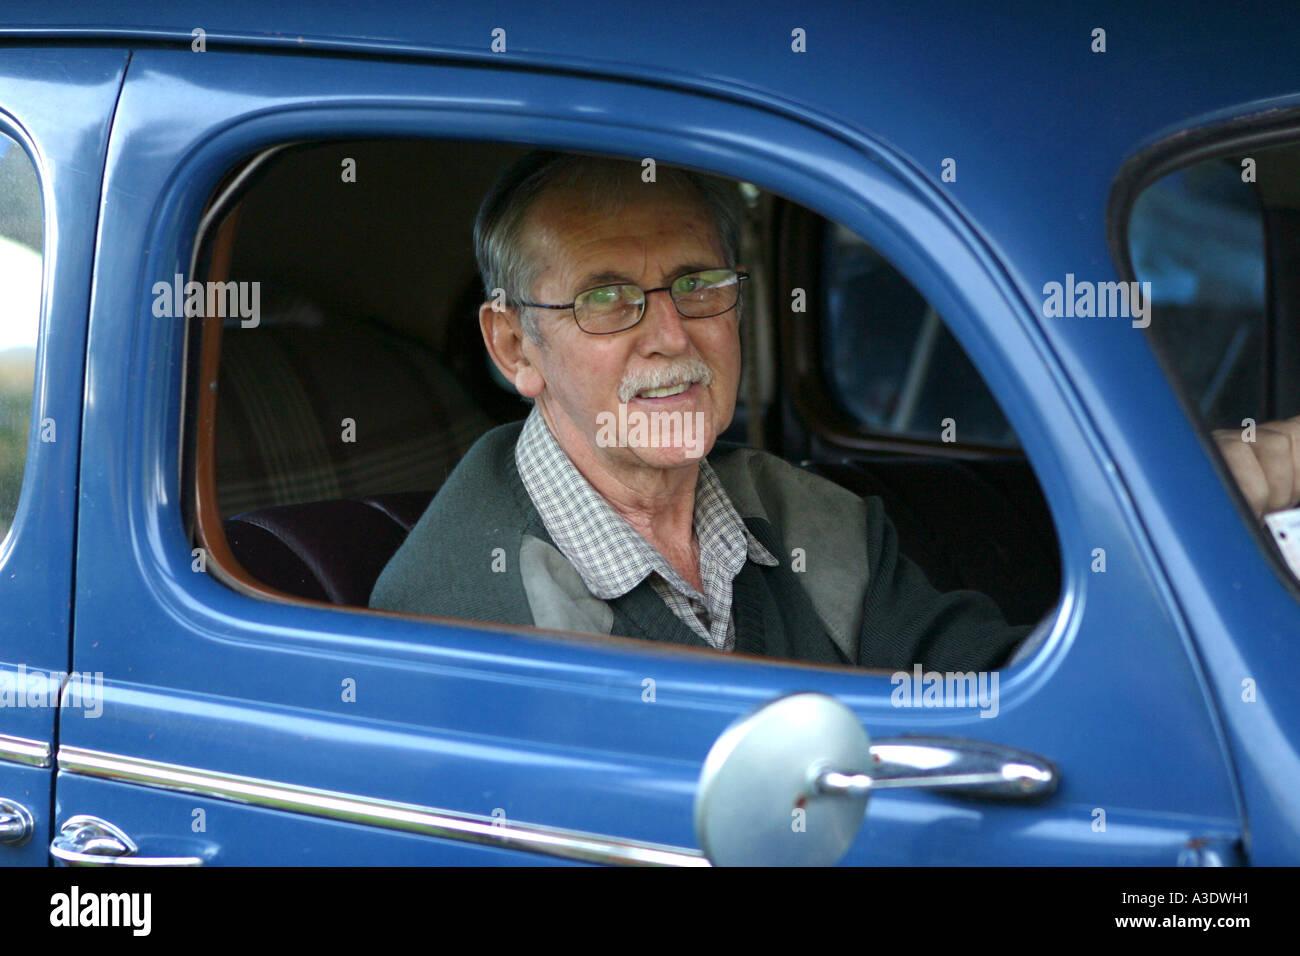 Homme d'âge moyen (60) assis en bleu 1939 6 cylindres Berline Dodge, Close up, Paeroa, Nouvelle-Zélande Photo Stock